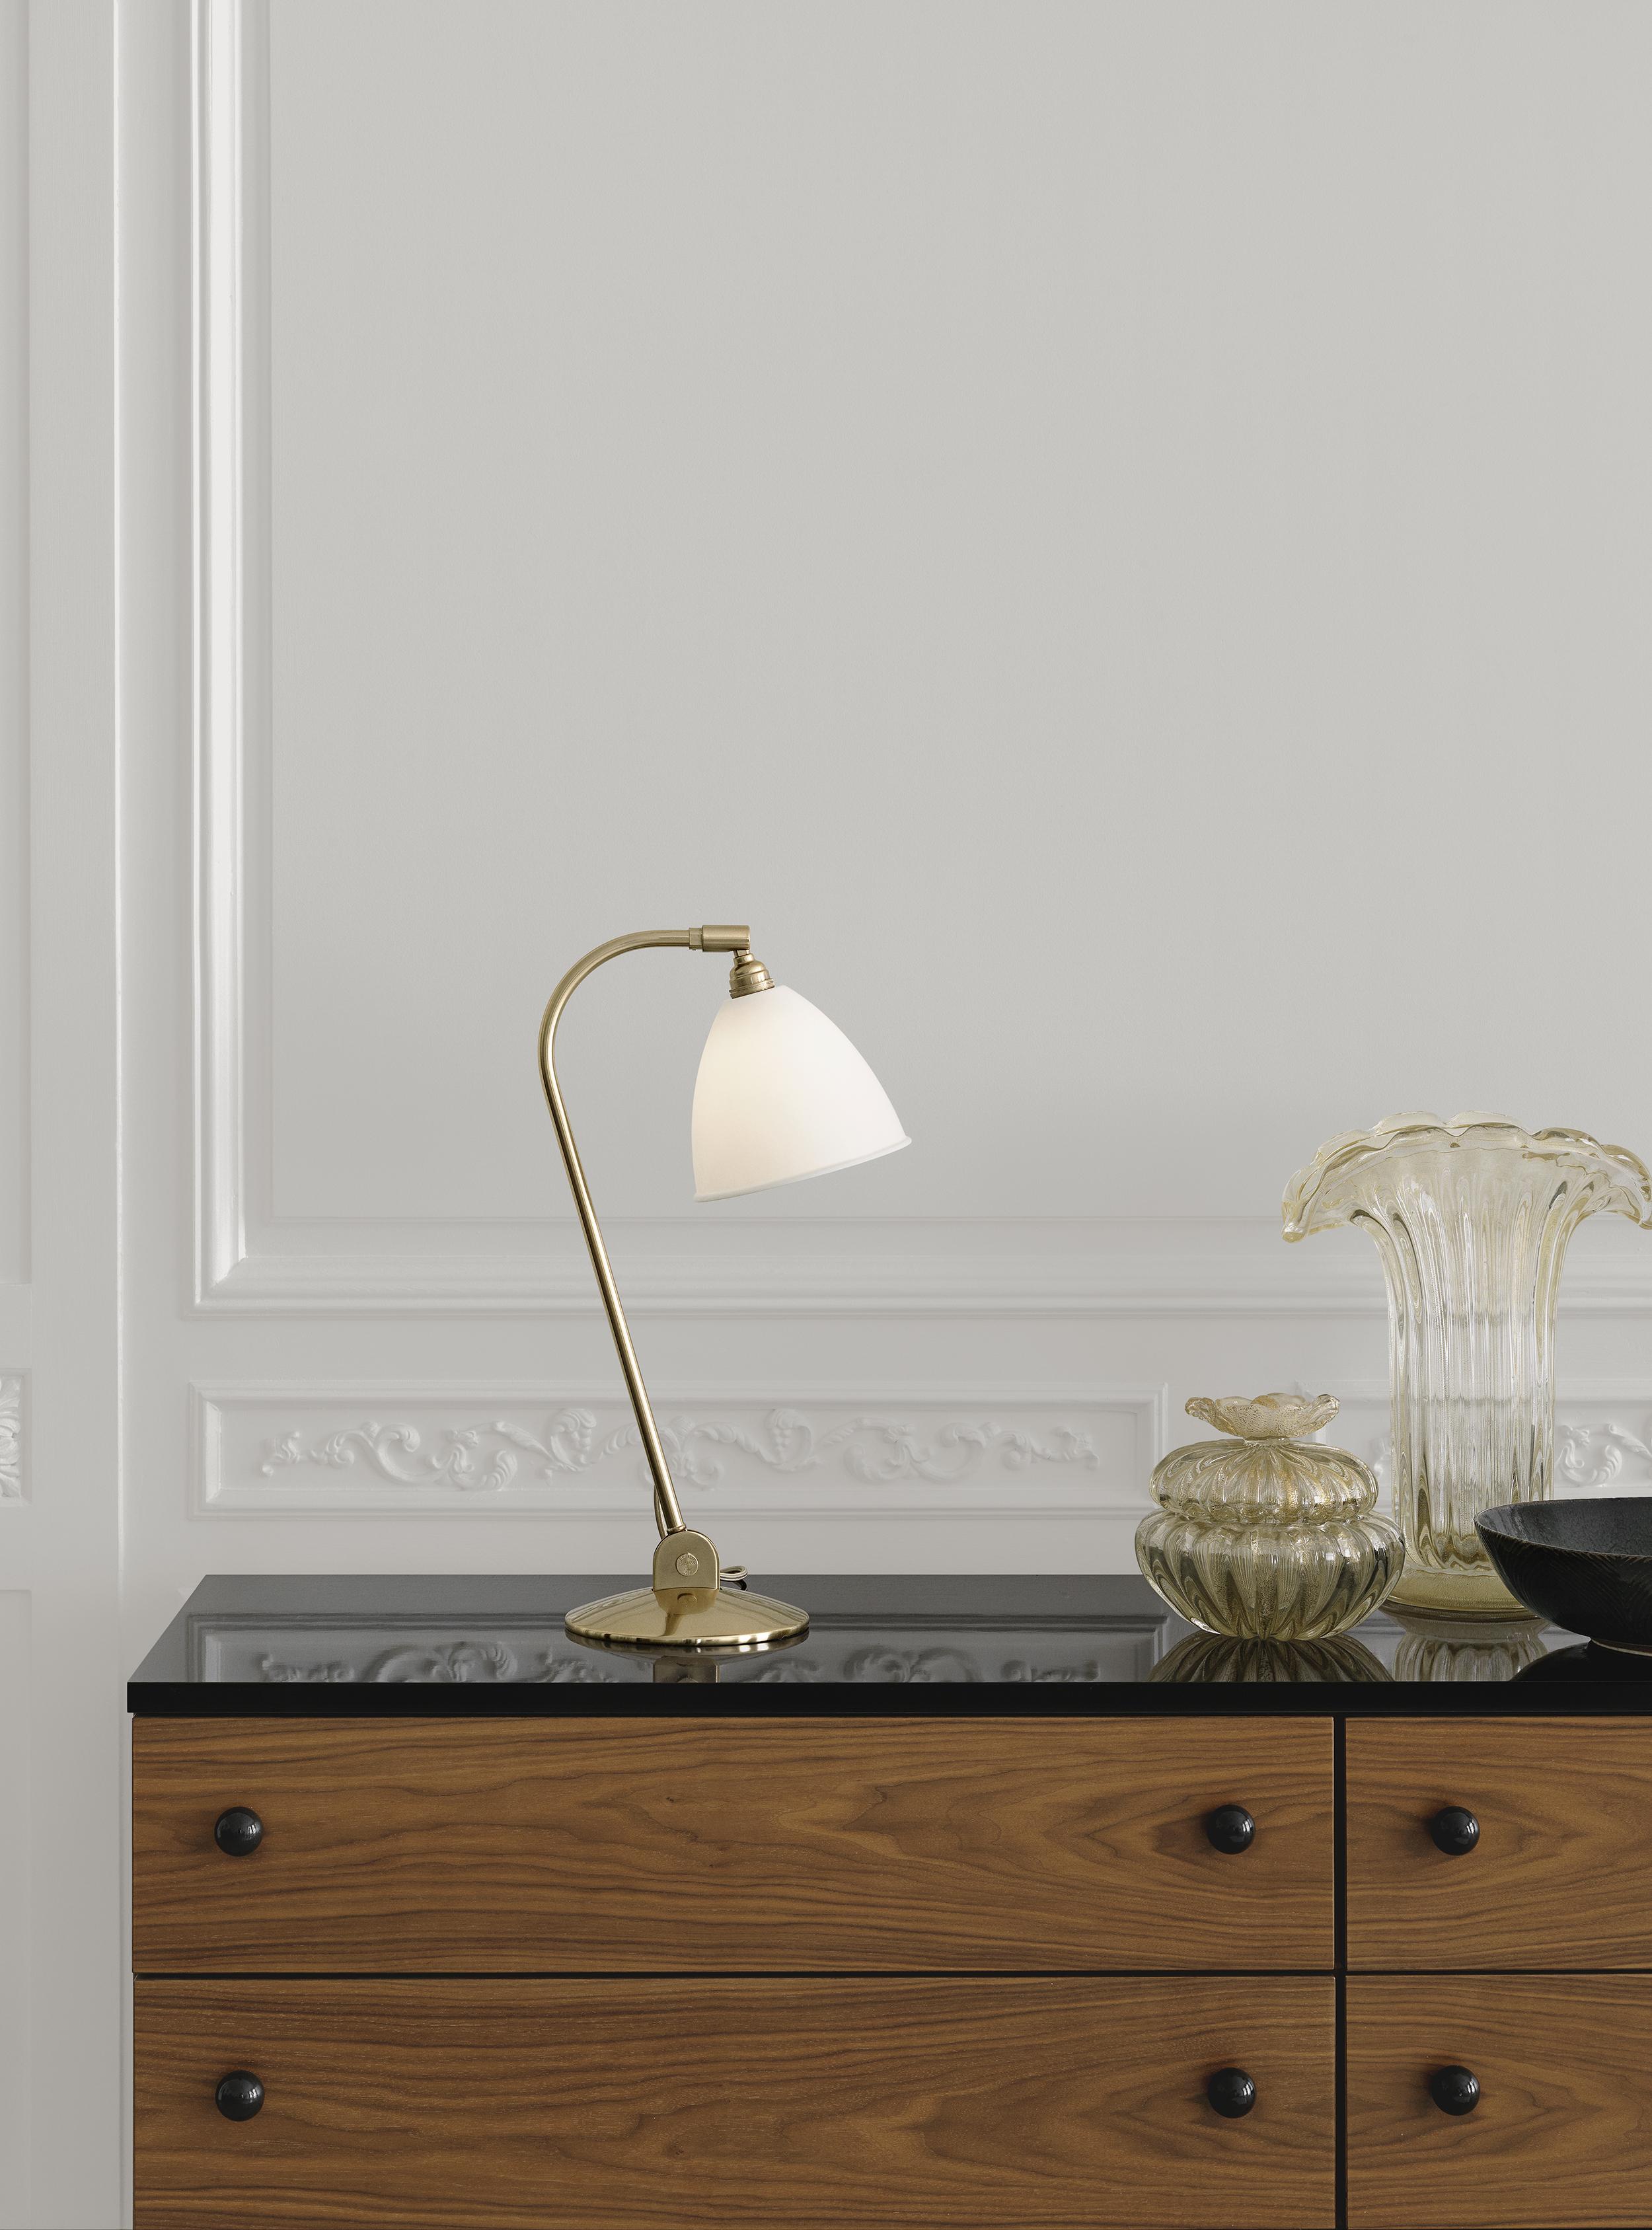 Name : Bestlite bl2 table lamp / Designer :Robert Dudley Best, 1930